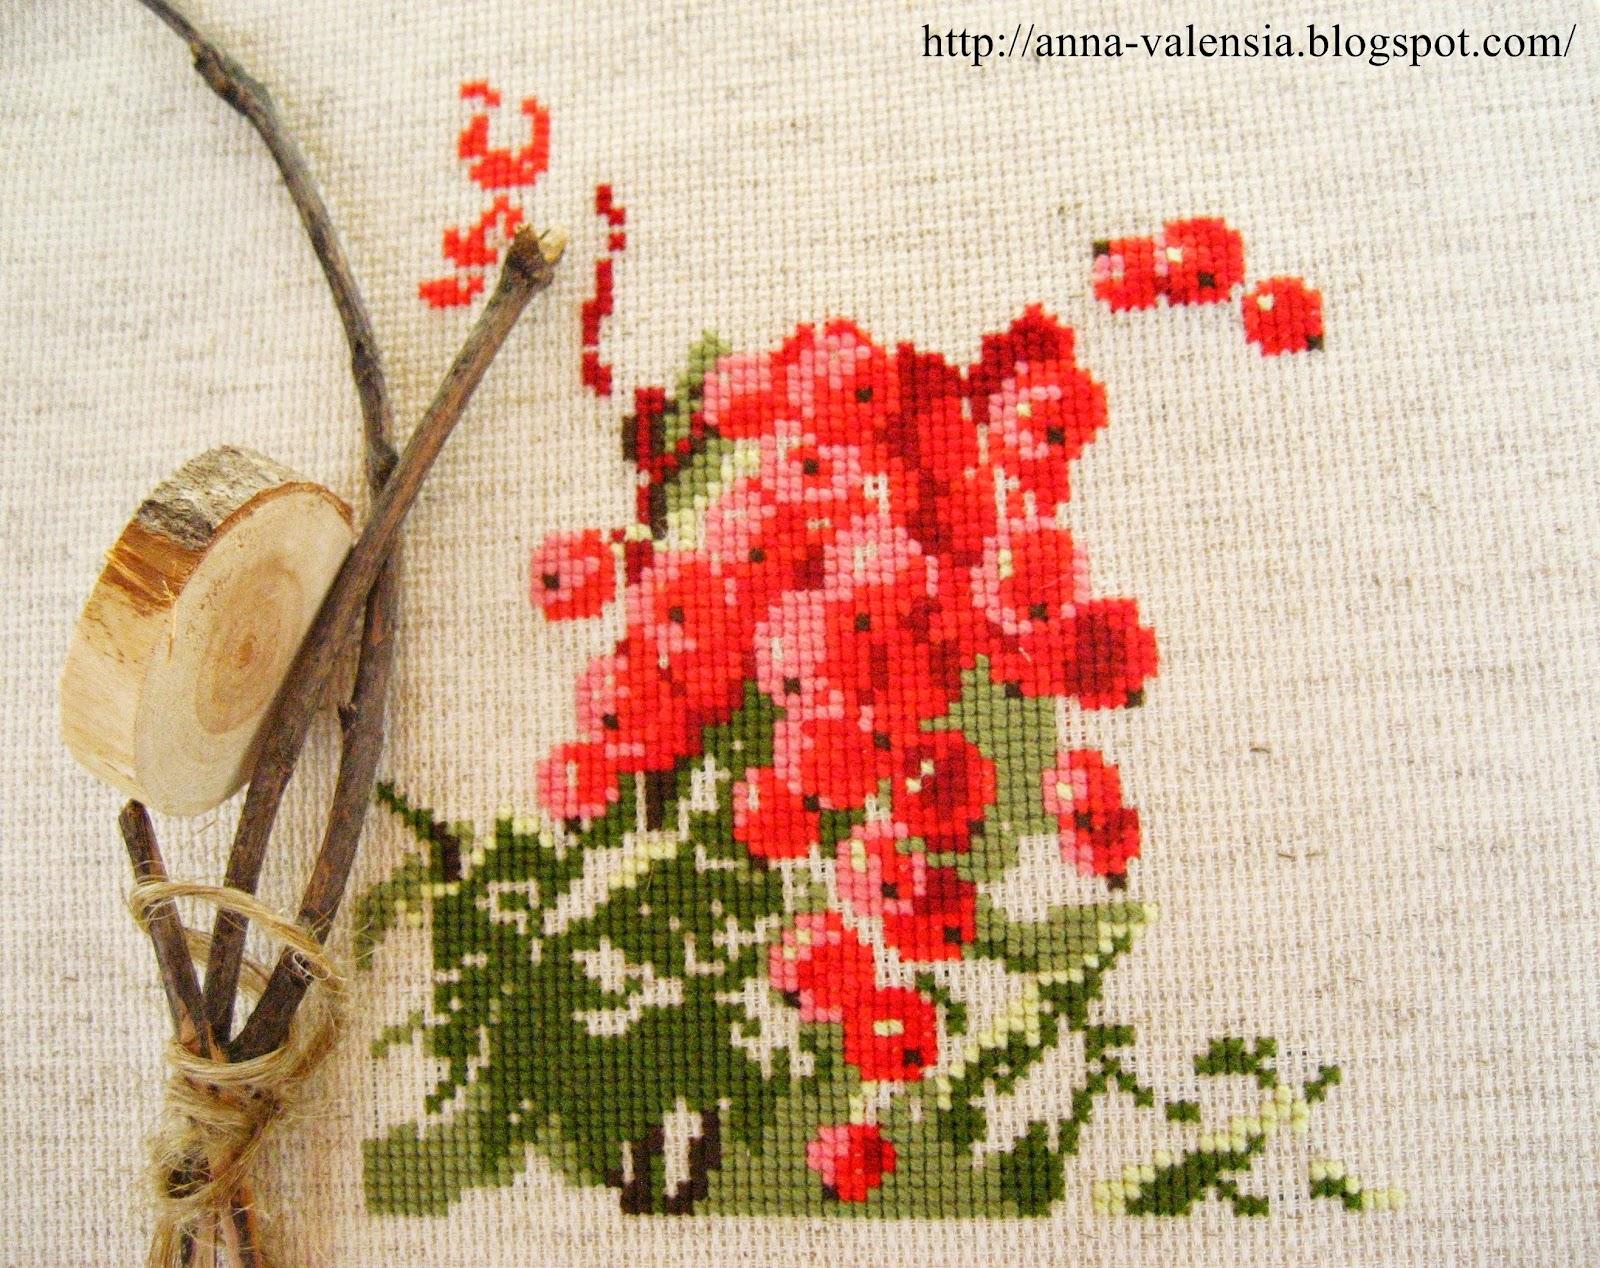 Красная смородина, Риолис